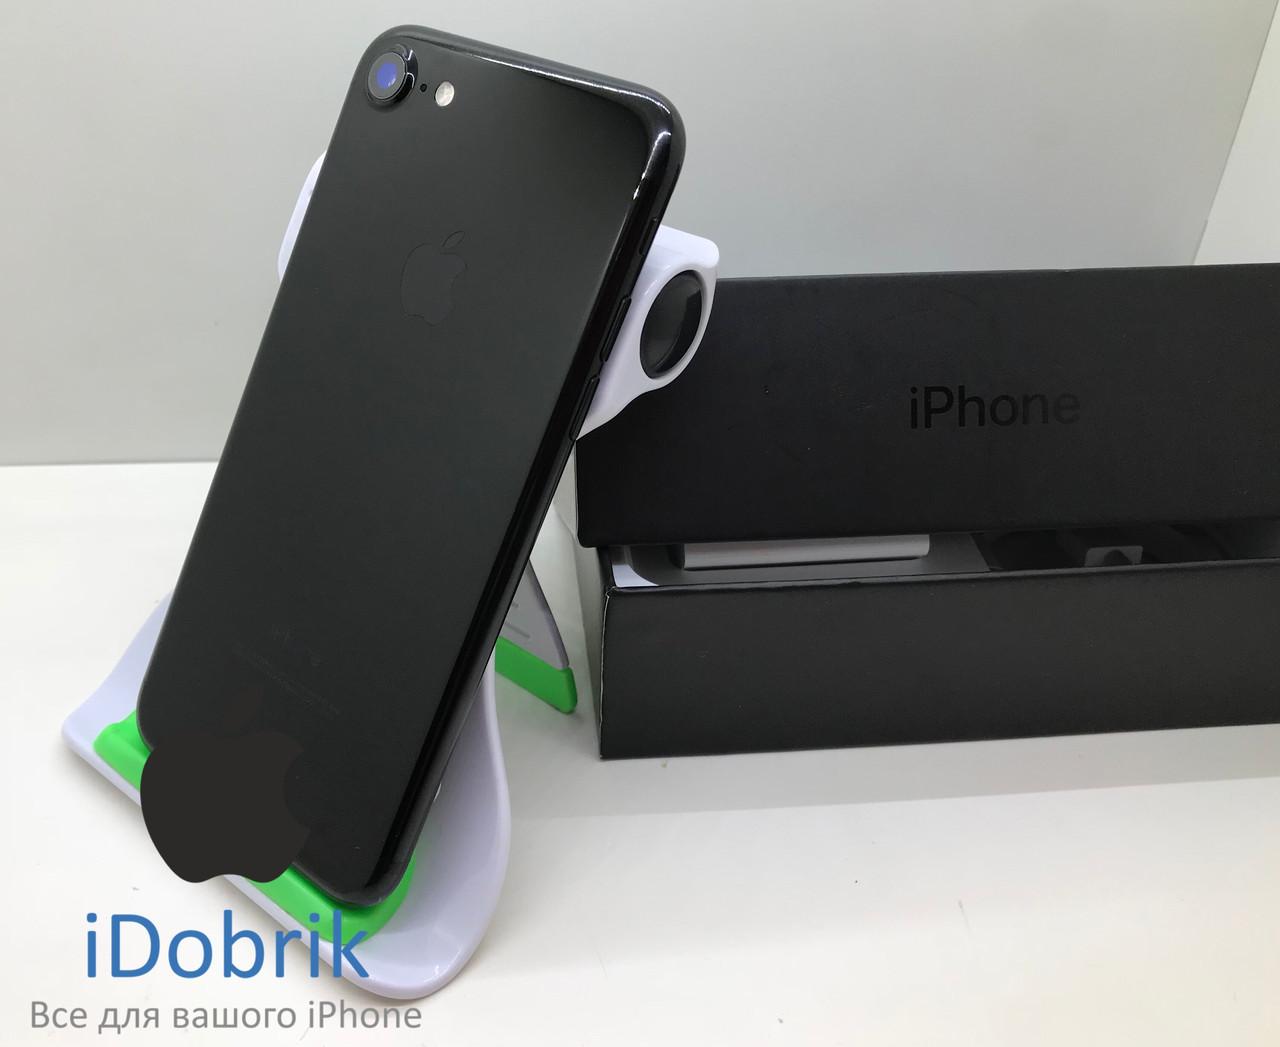 Б/У iPhone 7 32gb Jet Black Neverlock 9/10